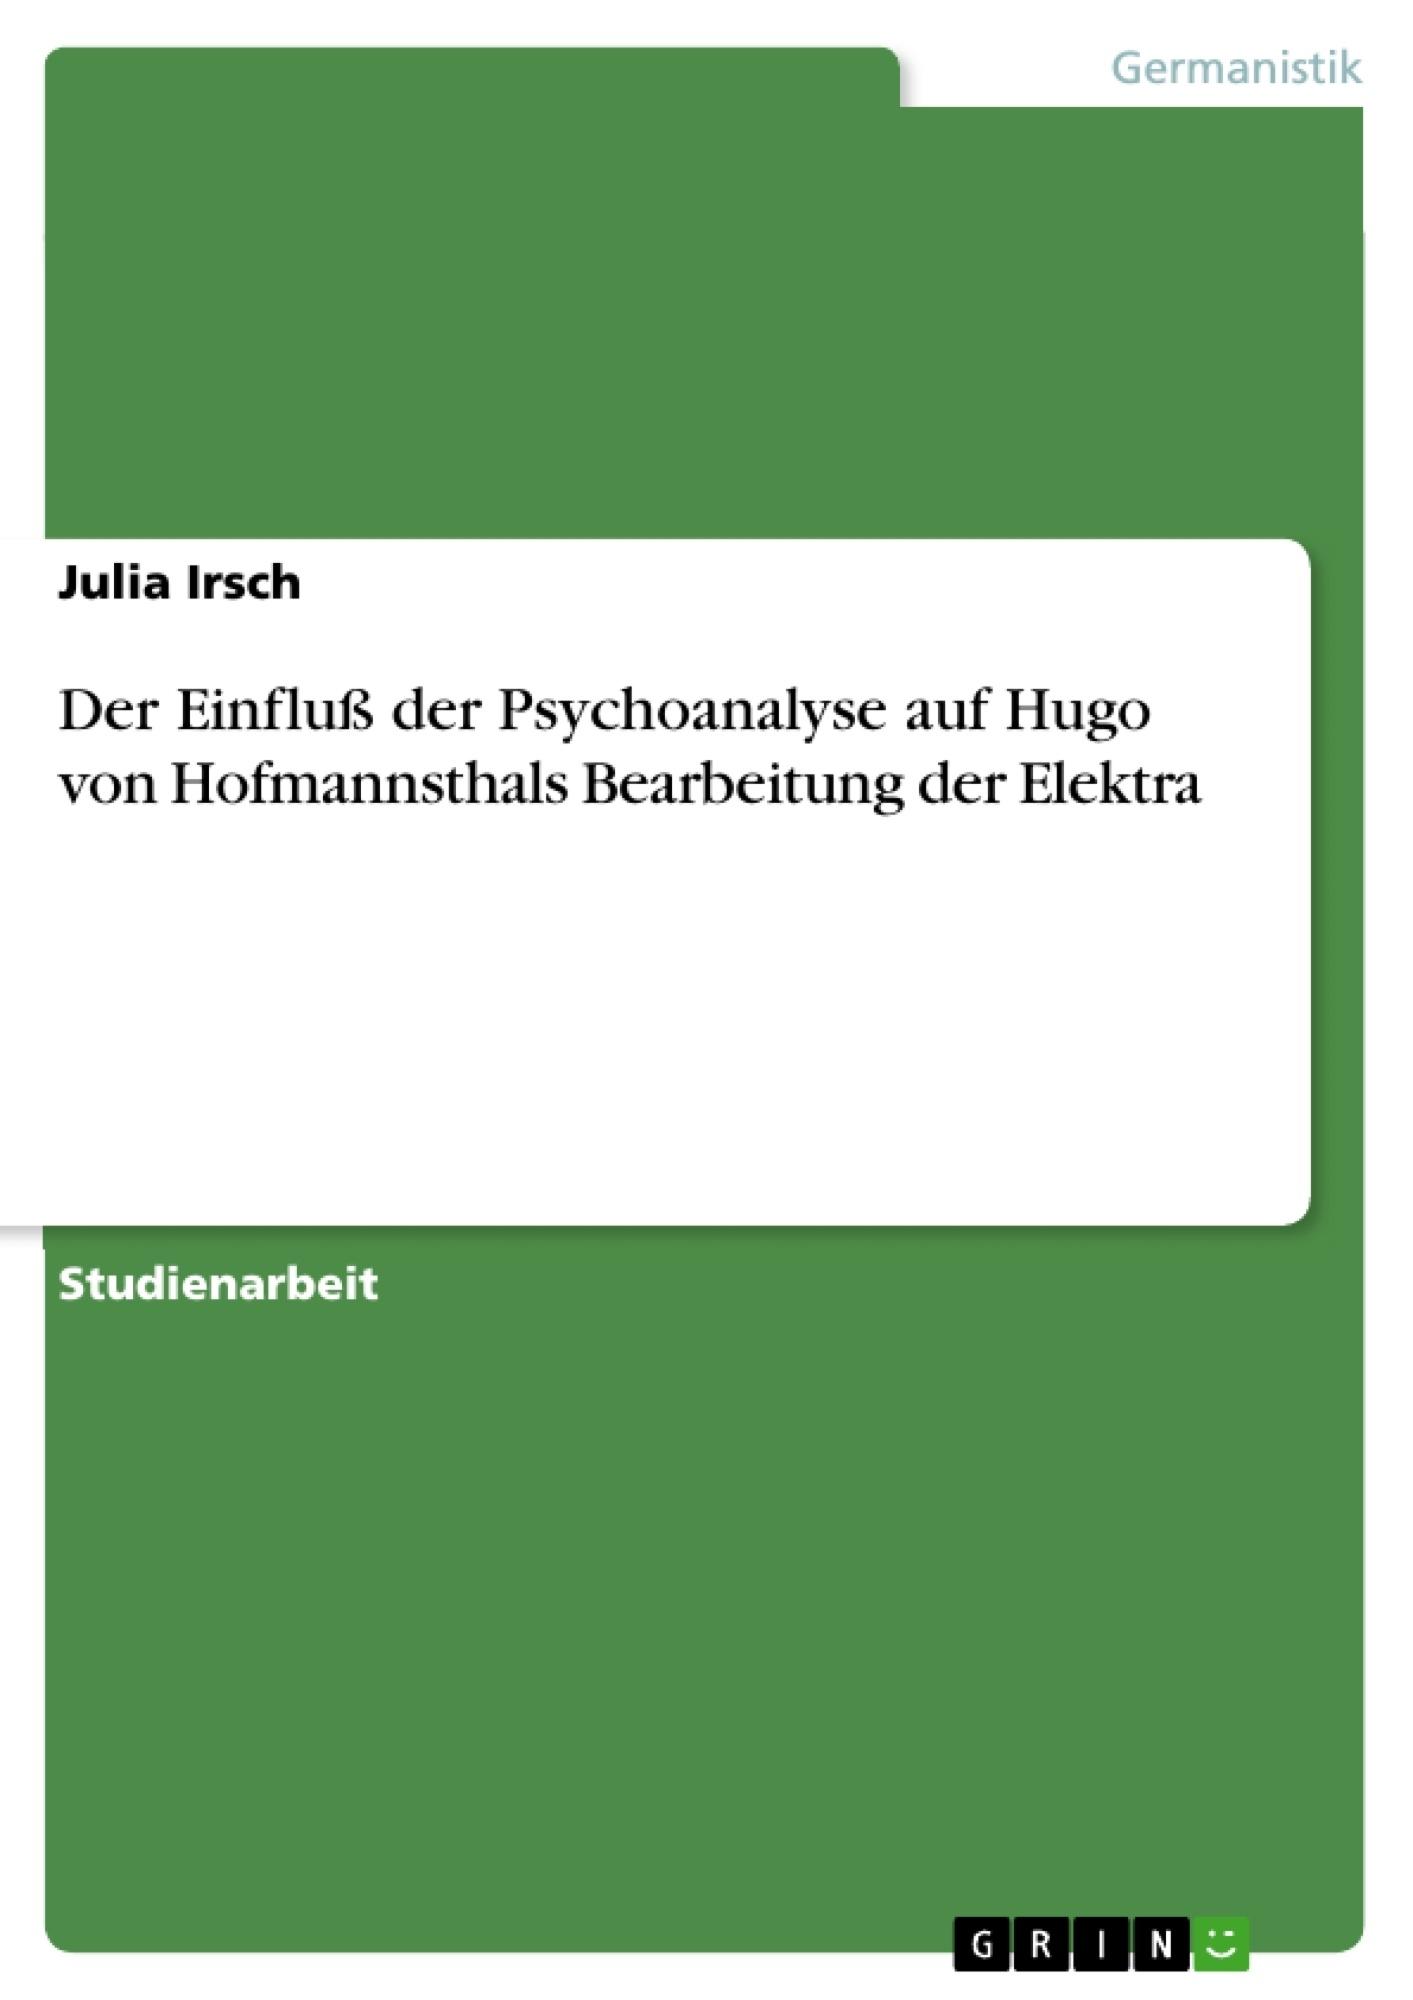 Titel: Der Einfluß der Psychoanalyse auf Hugo von Hofmannsthals Bearbeitung der  Elektra